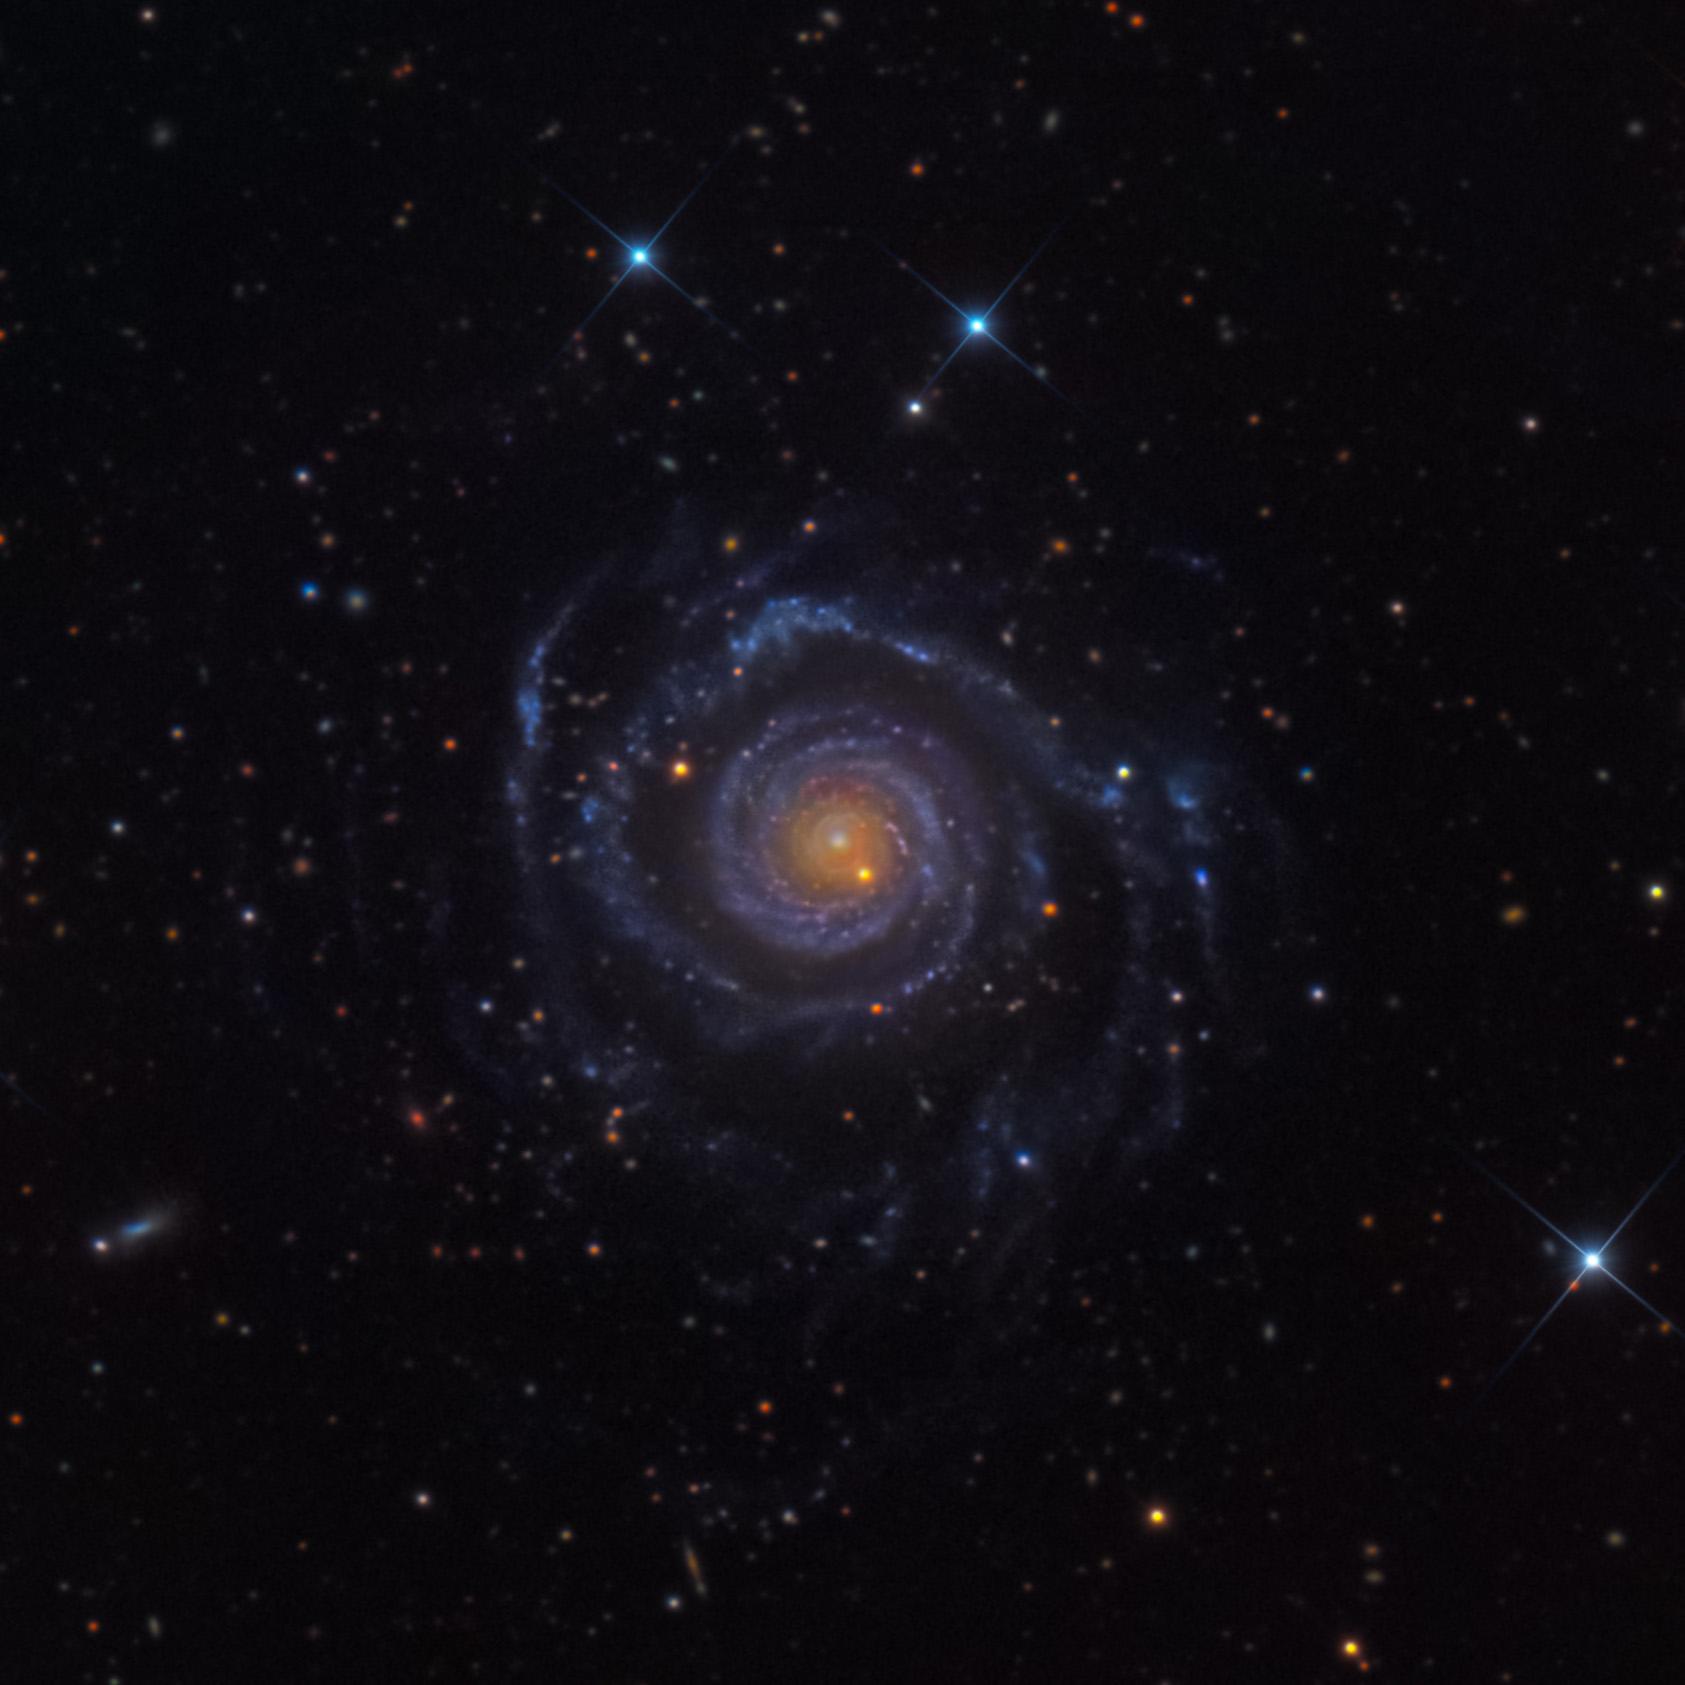 NGC 3642